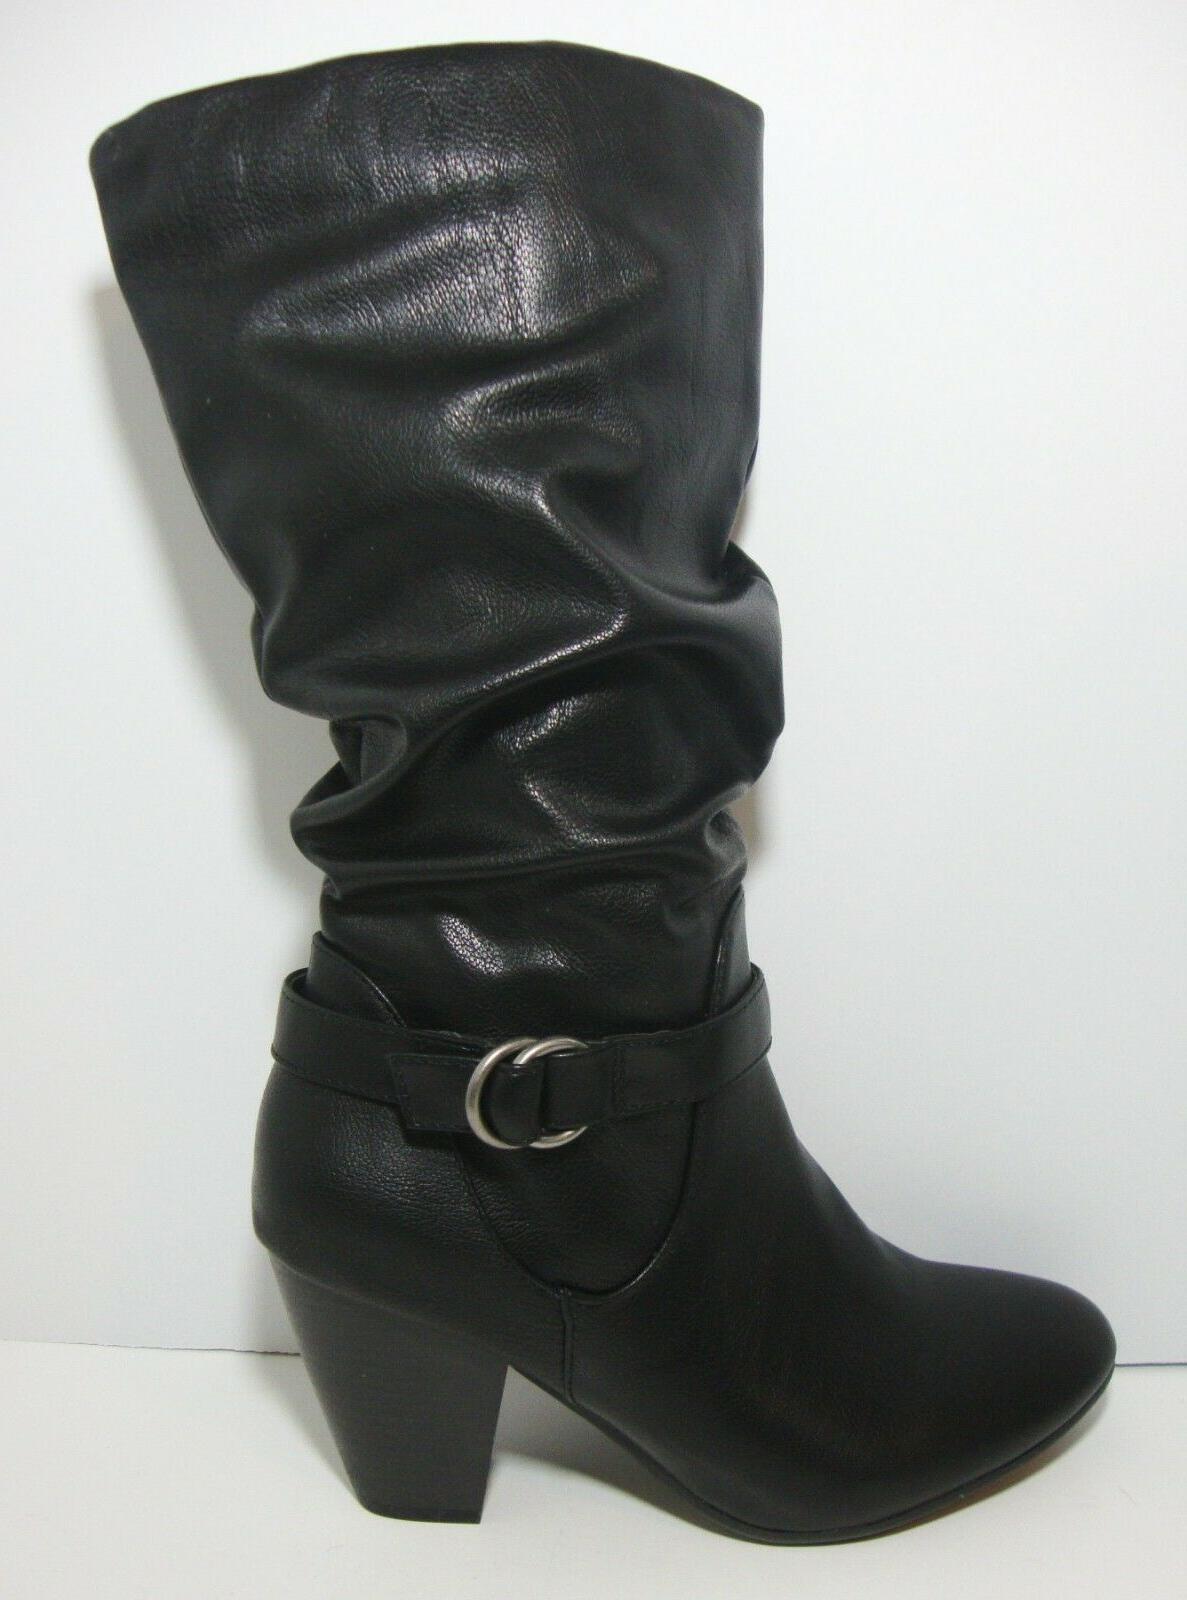 Calf Black Boots Soles 9